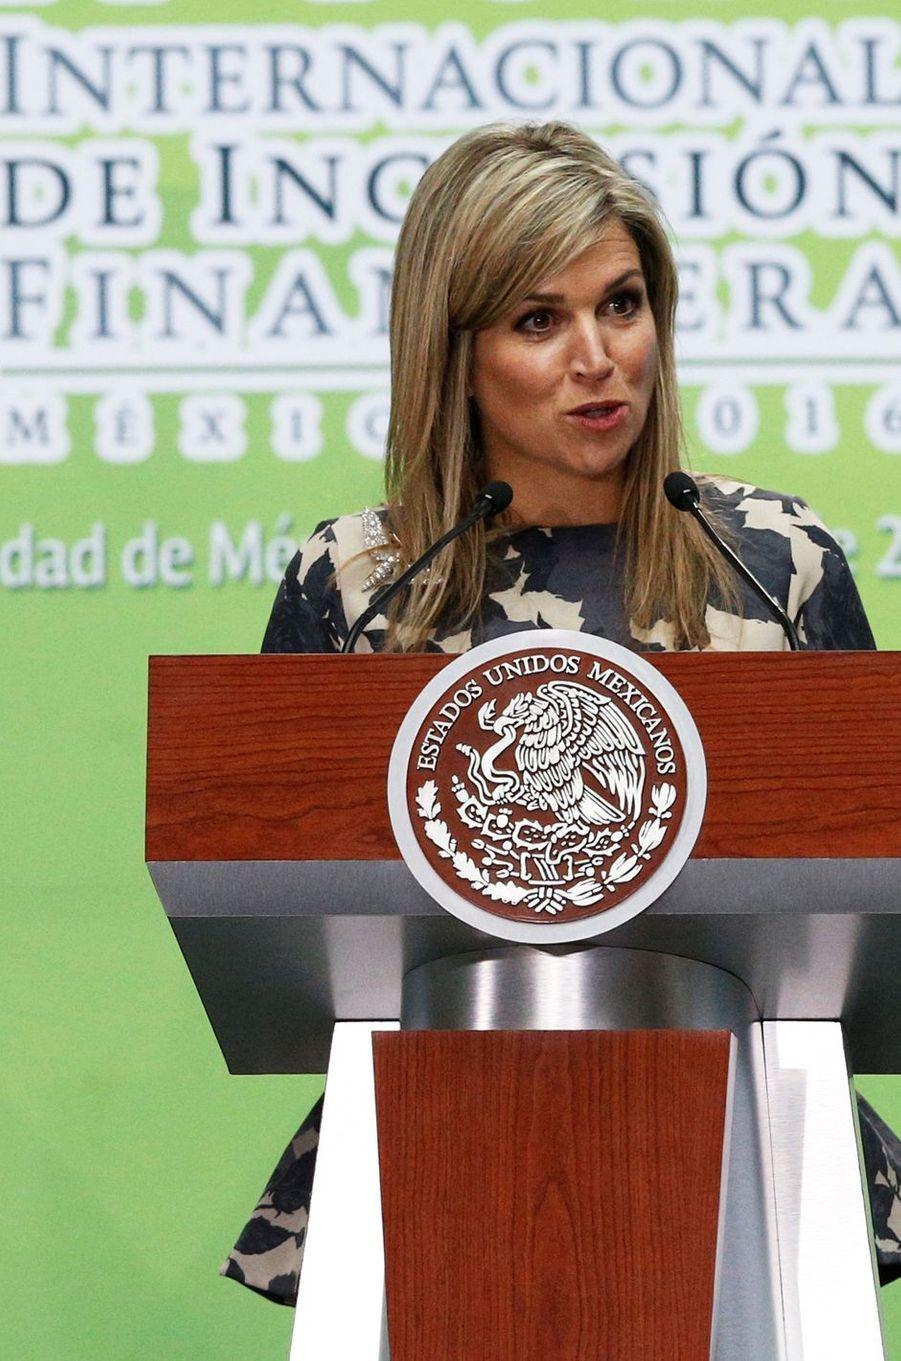 La reine Maxima des Pays-Bas à Mexico, le 21 juin 2016